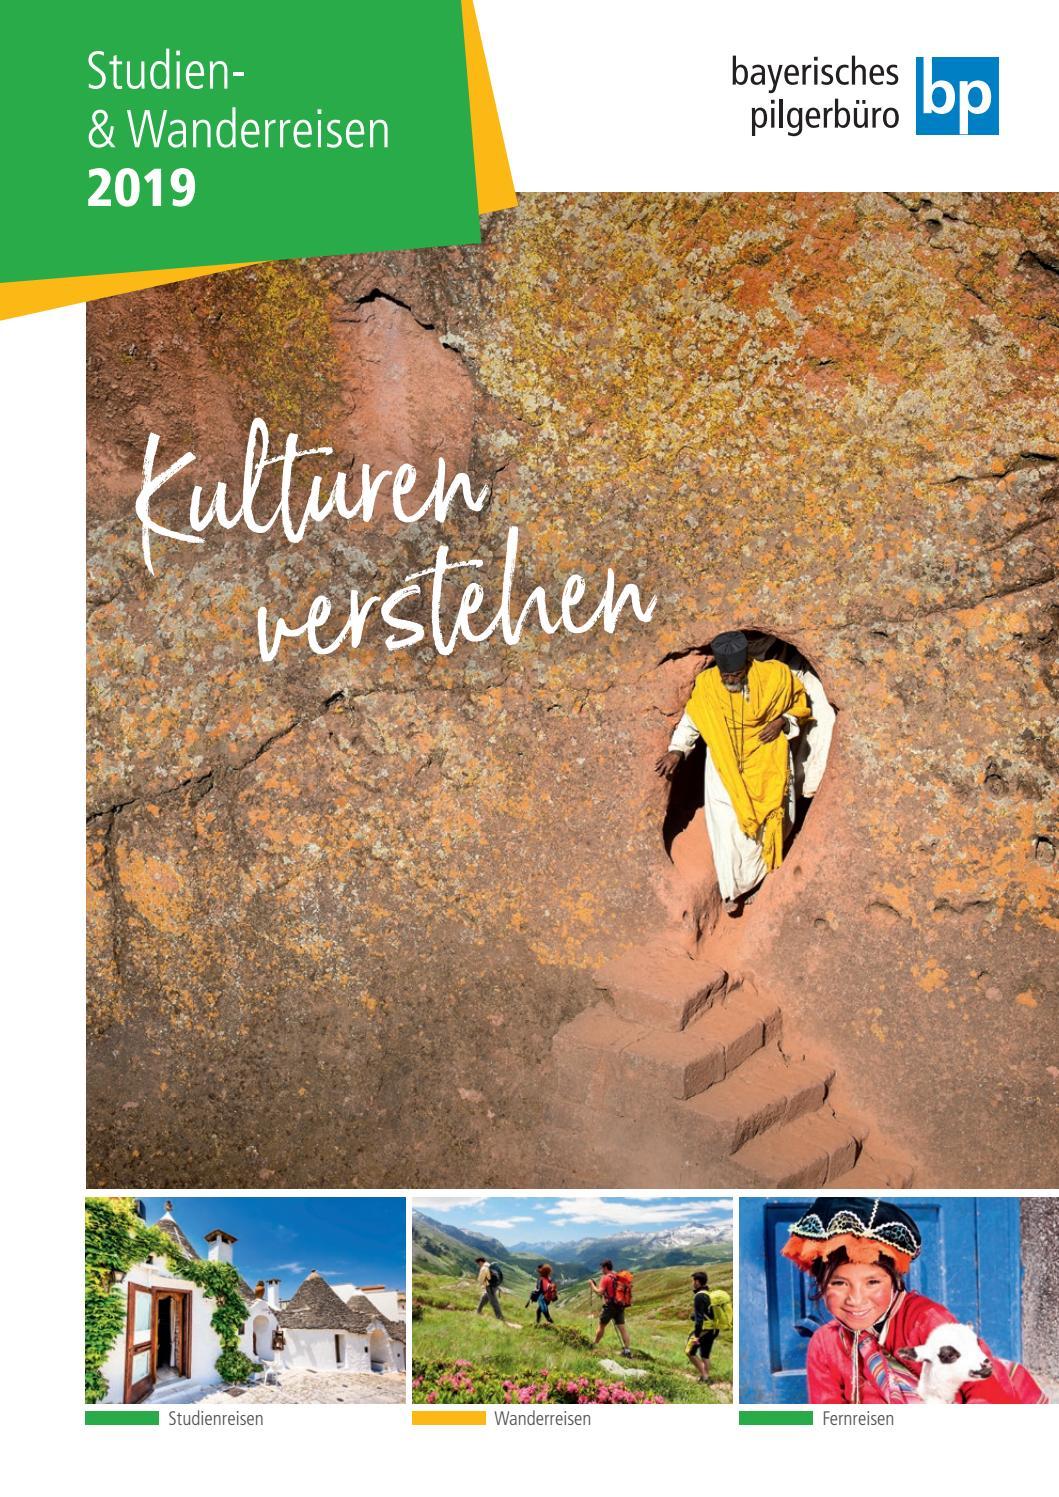 Bayerisches Pilgerburo Studien Wanderreisen 2019 By Aimcom